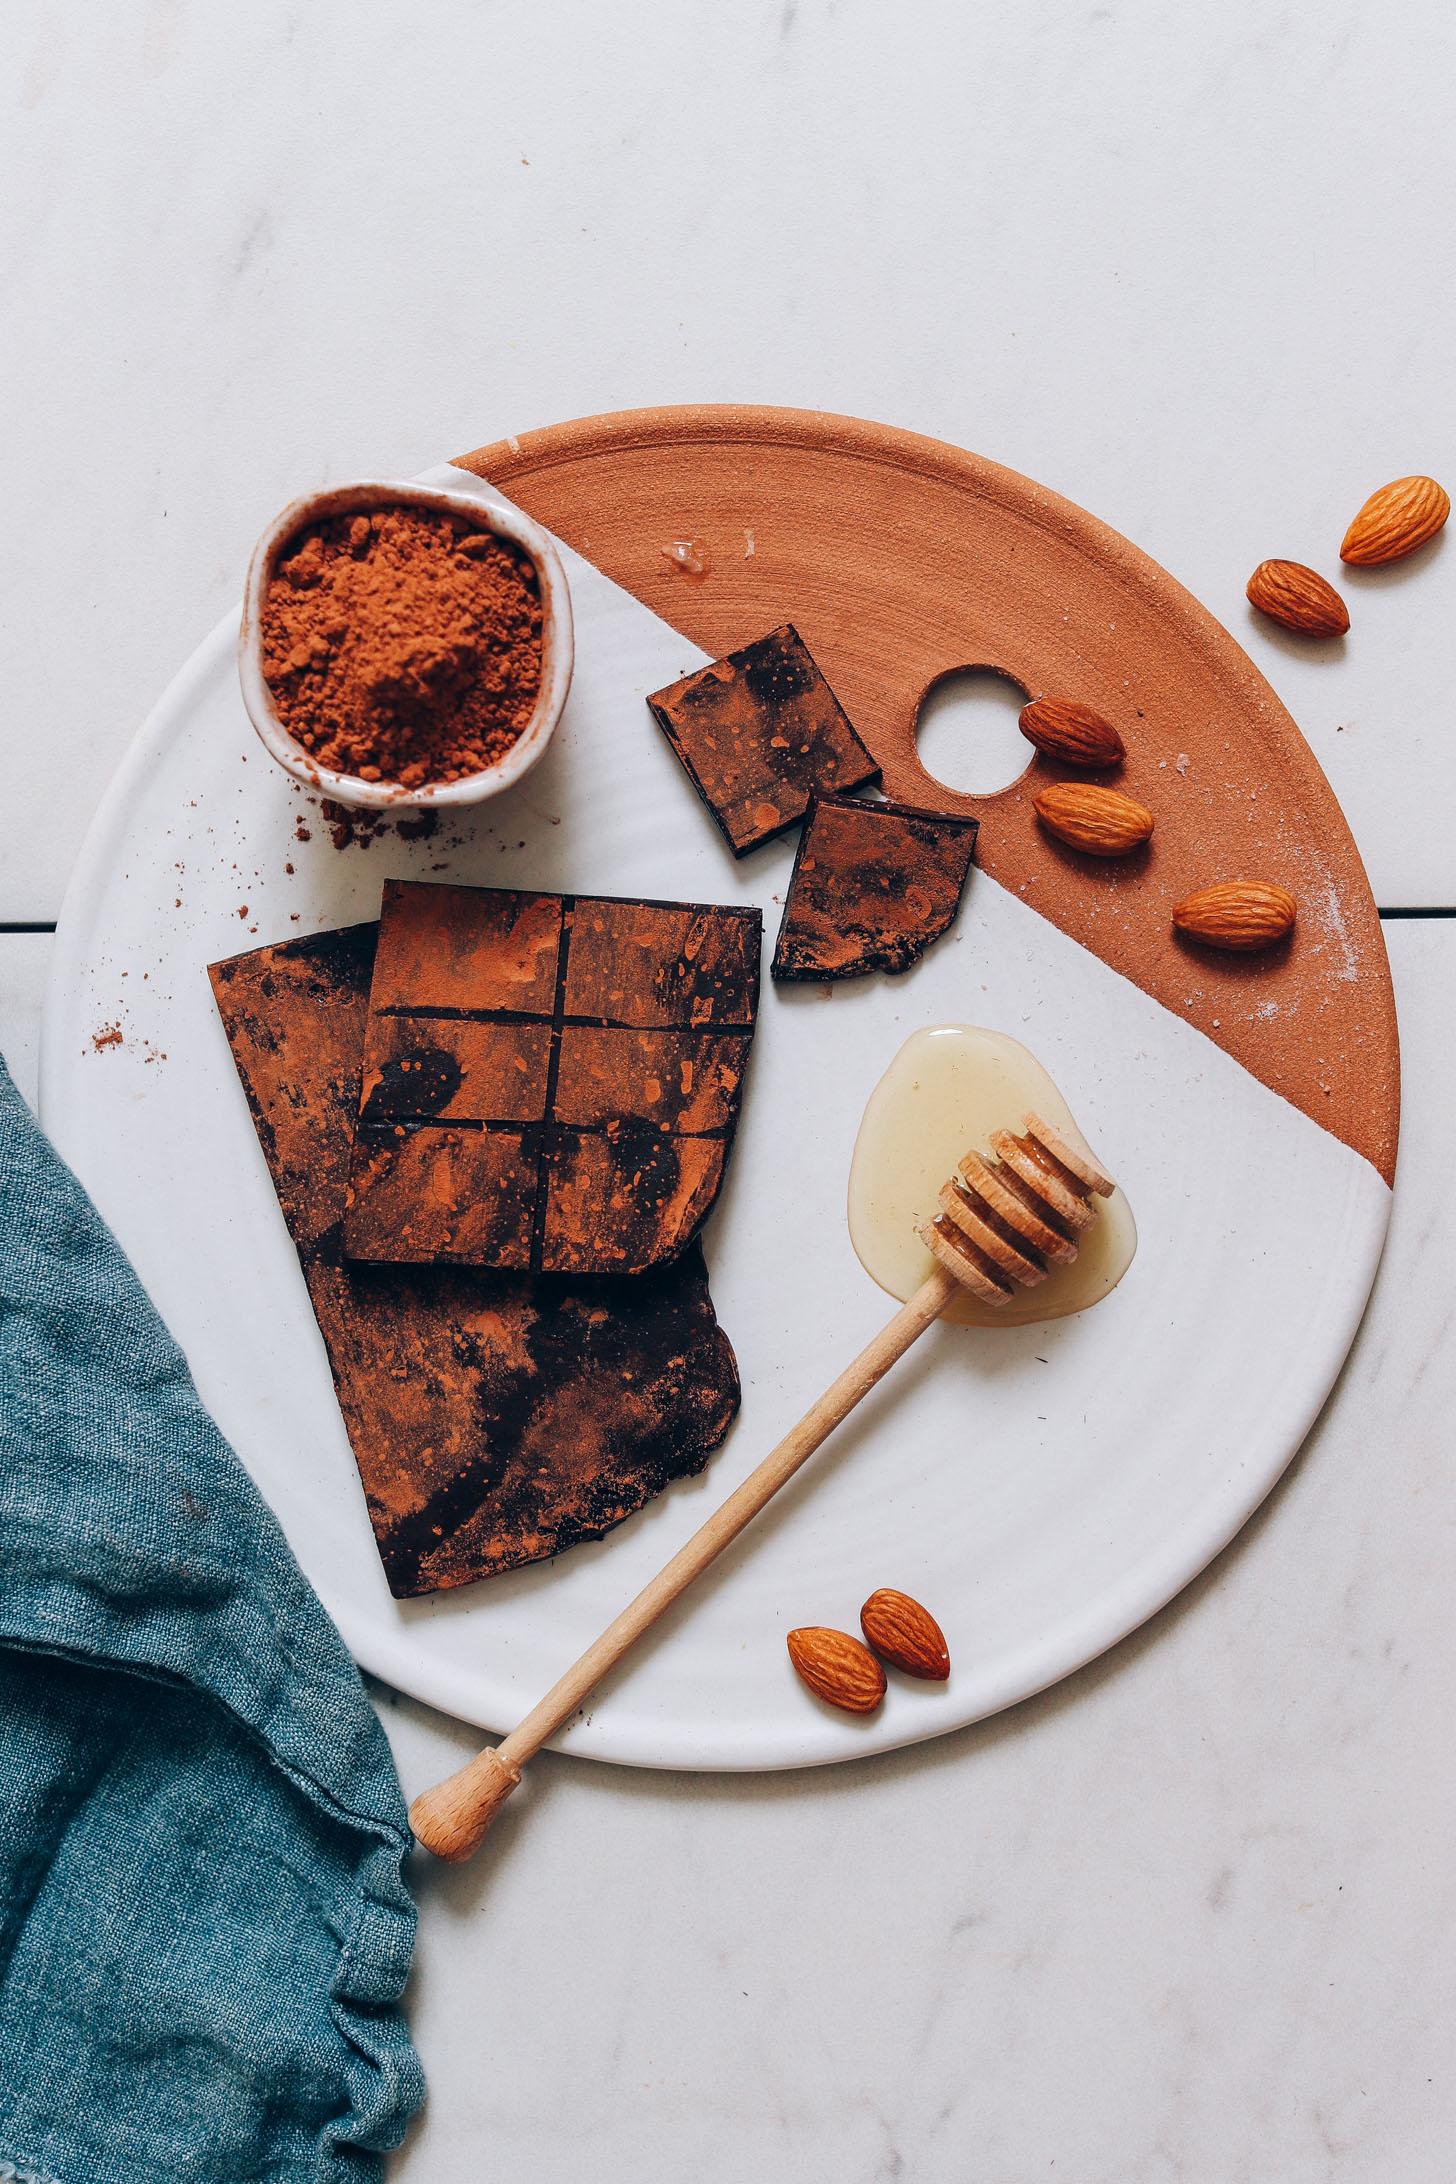 Bandeja de cerámica y arcilla con almendras, cacao en polvo y barras de miel caseras